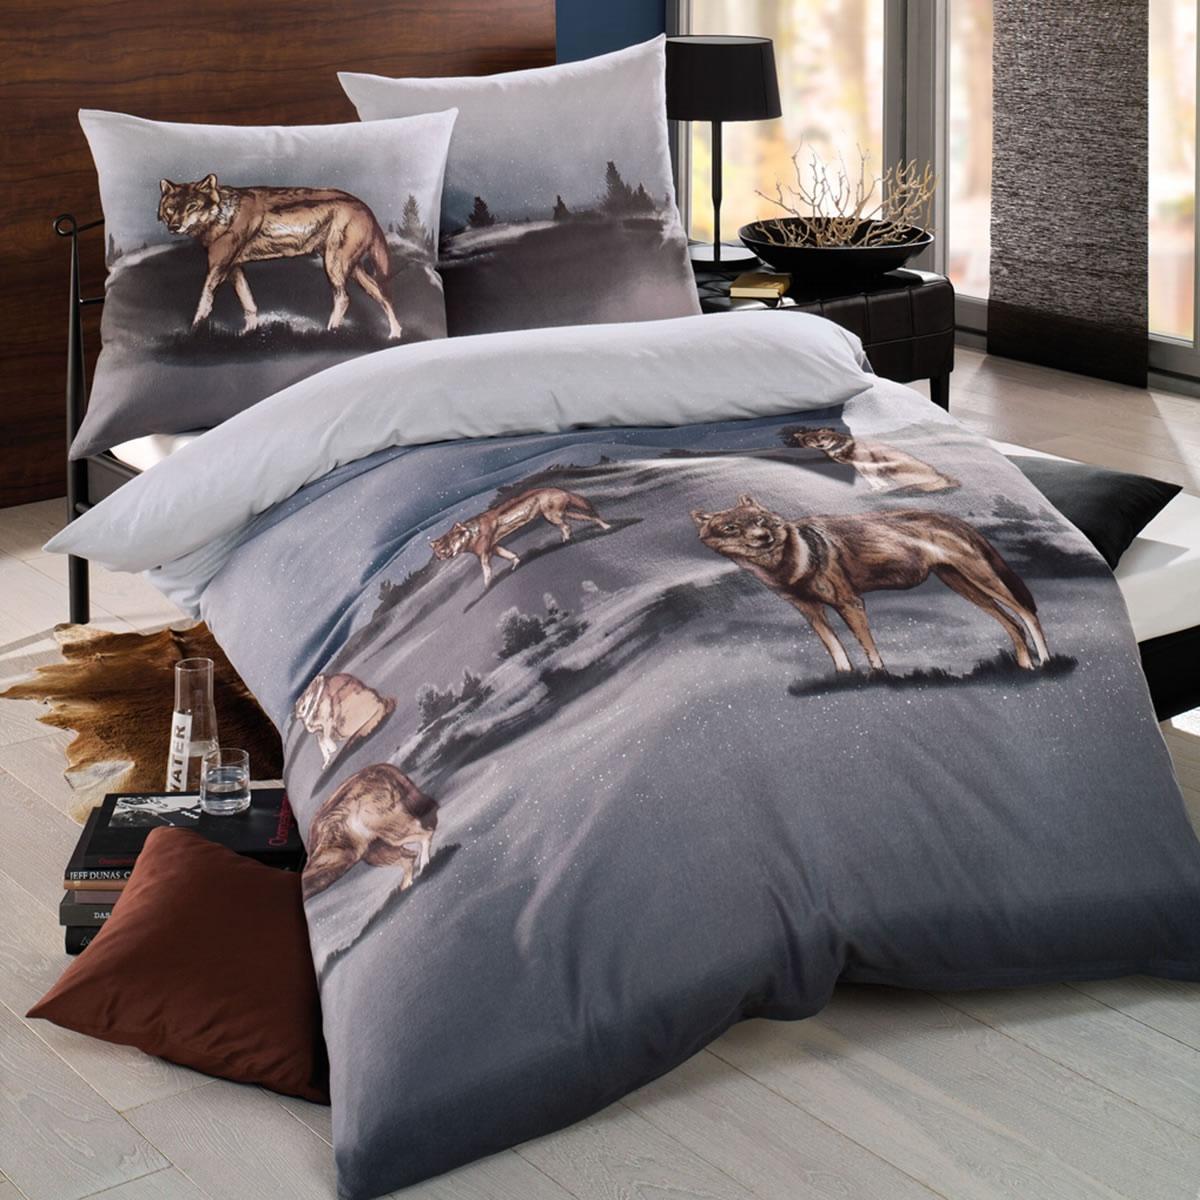 kaeppel biber bettw sche 155x220 cm design 39979 after dark wolf zinn. Black Bedroom Furniture Sets. Home Design Ideas